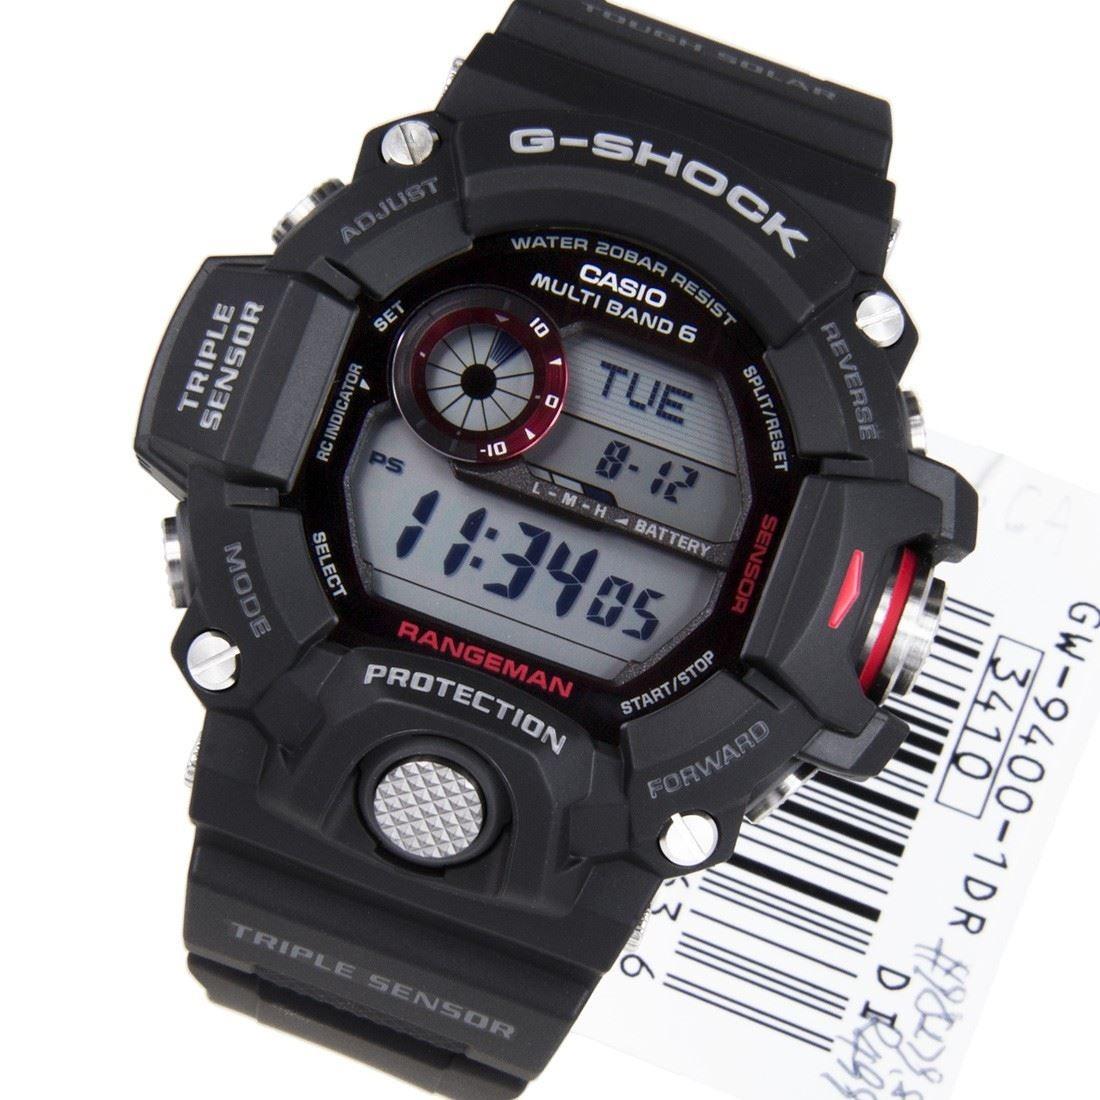 e432ad26191 Relógio Casio G-shock Gw-9400-1dr Preto Rangeman Gw9400 - R  1.290 ...